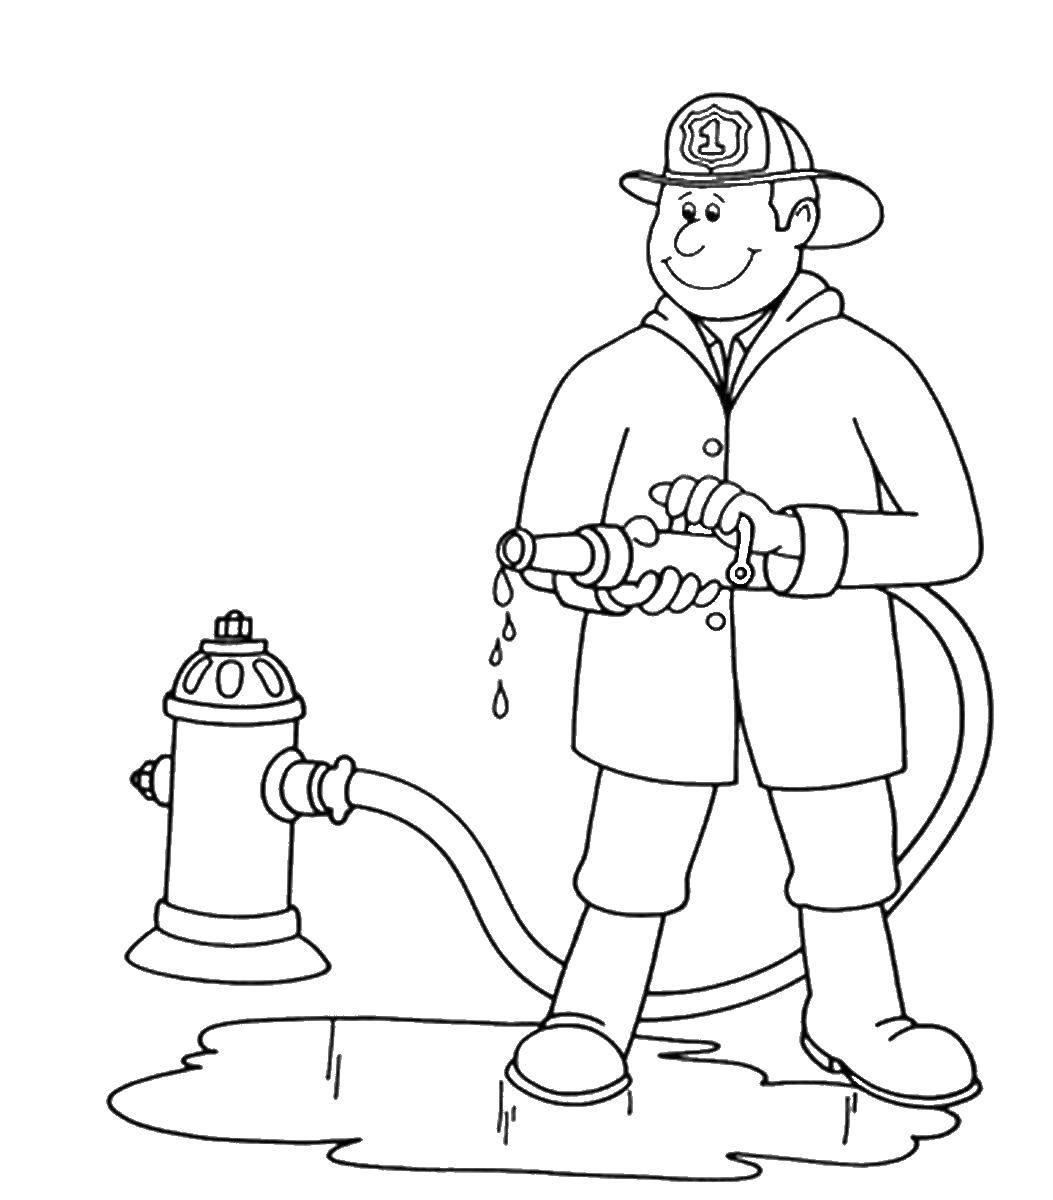 Раскраска пожарный, скачать и распечатать бесплатно